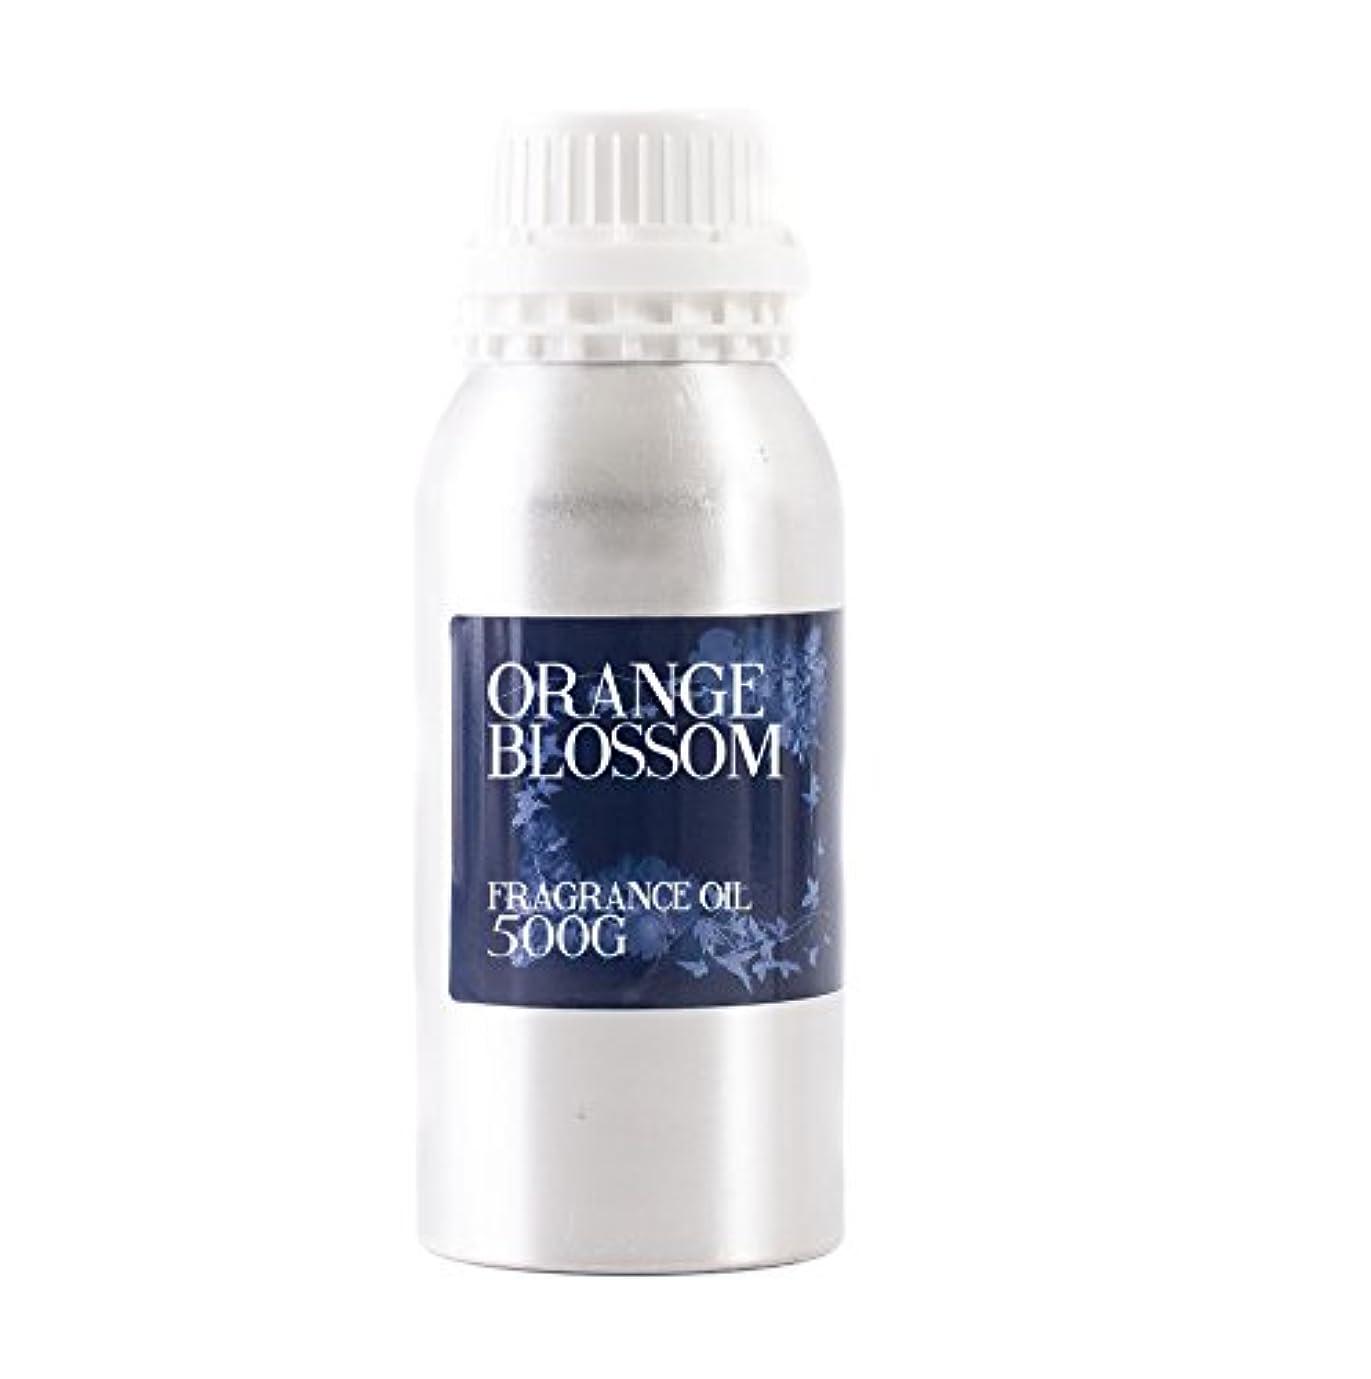 消毒剤航空機数字Mystic Moments | Orange Blossom Fragrance Oil - 500g